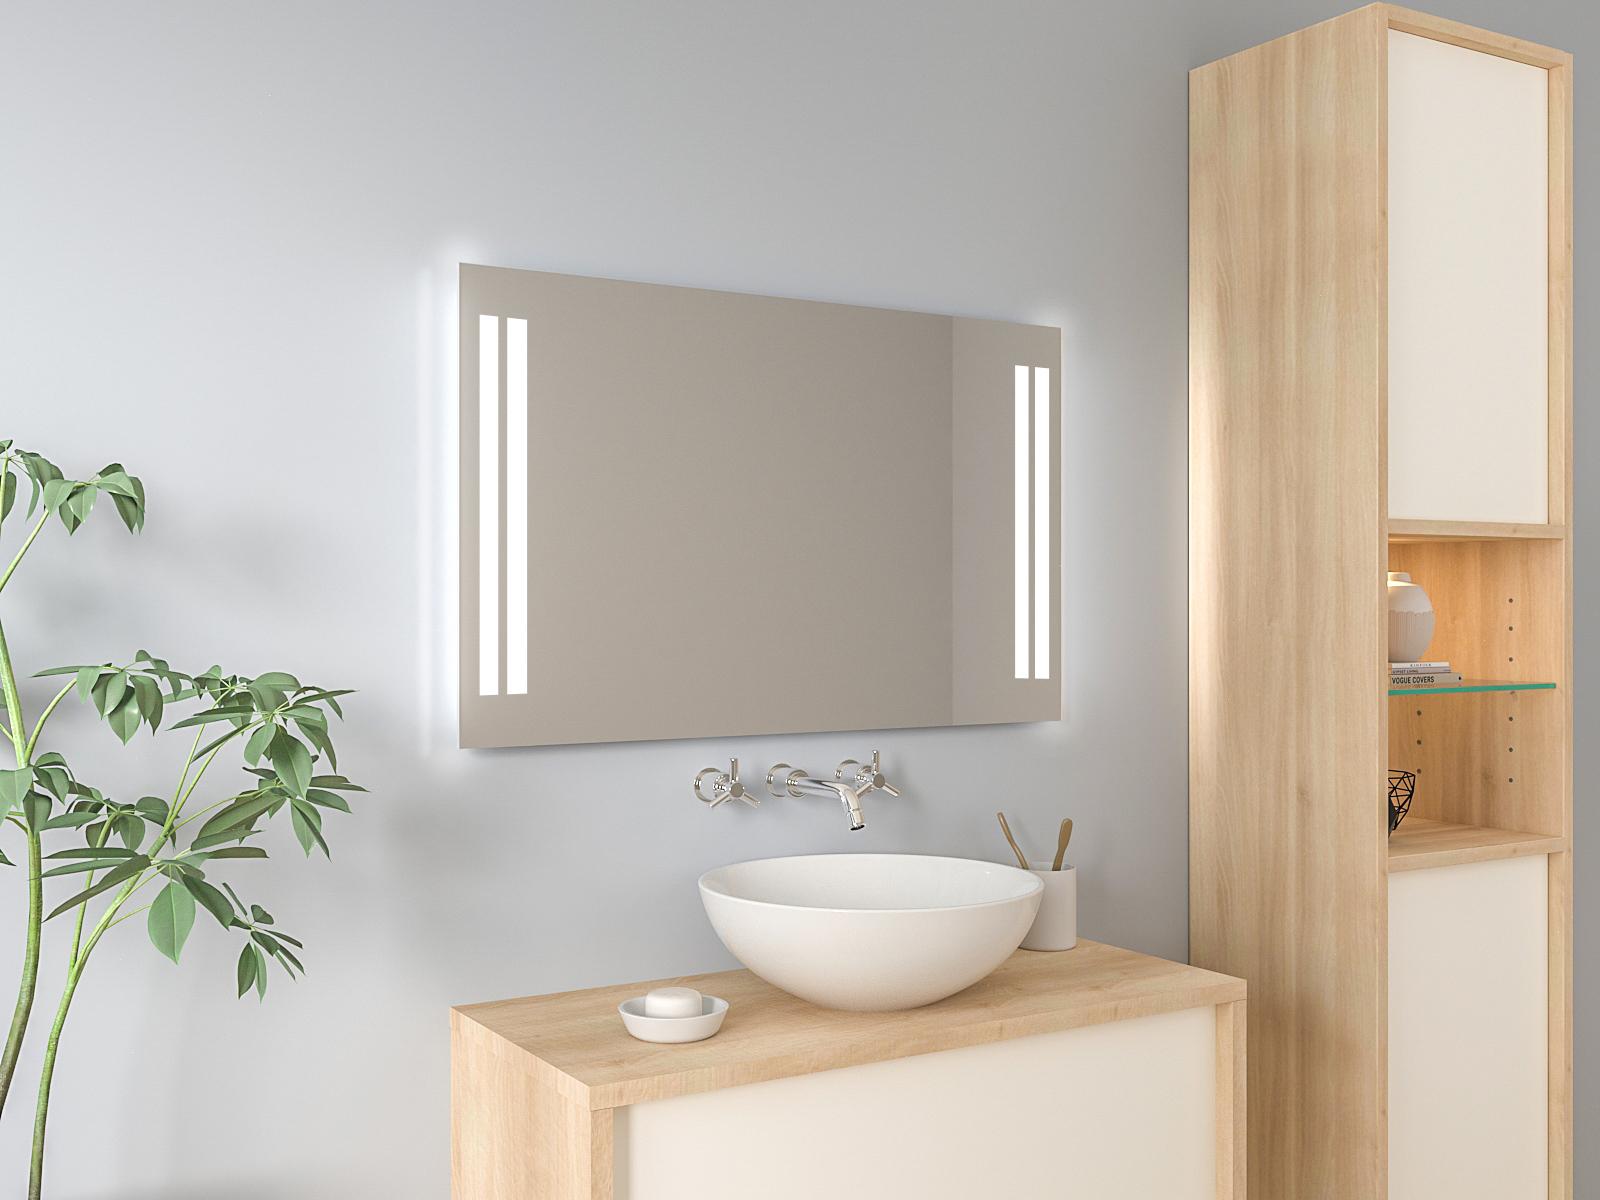 Badspiegel mit LED Beleuchtung - Toke